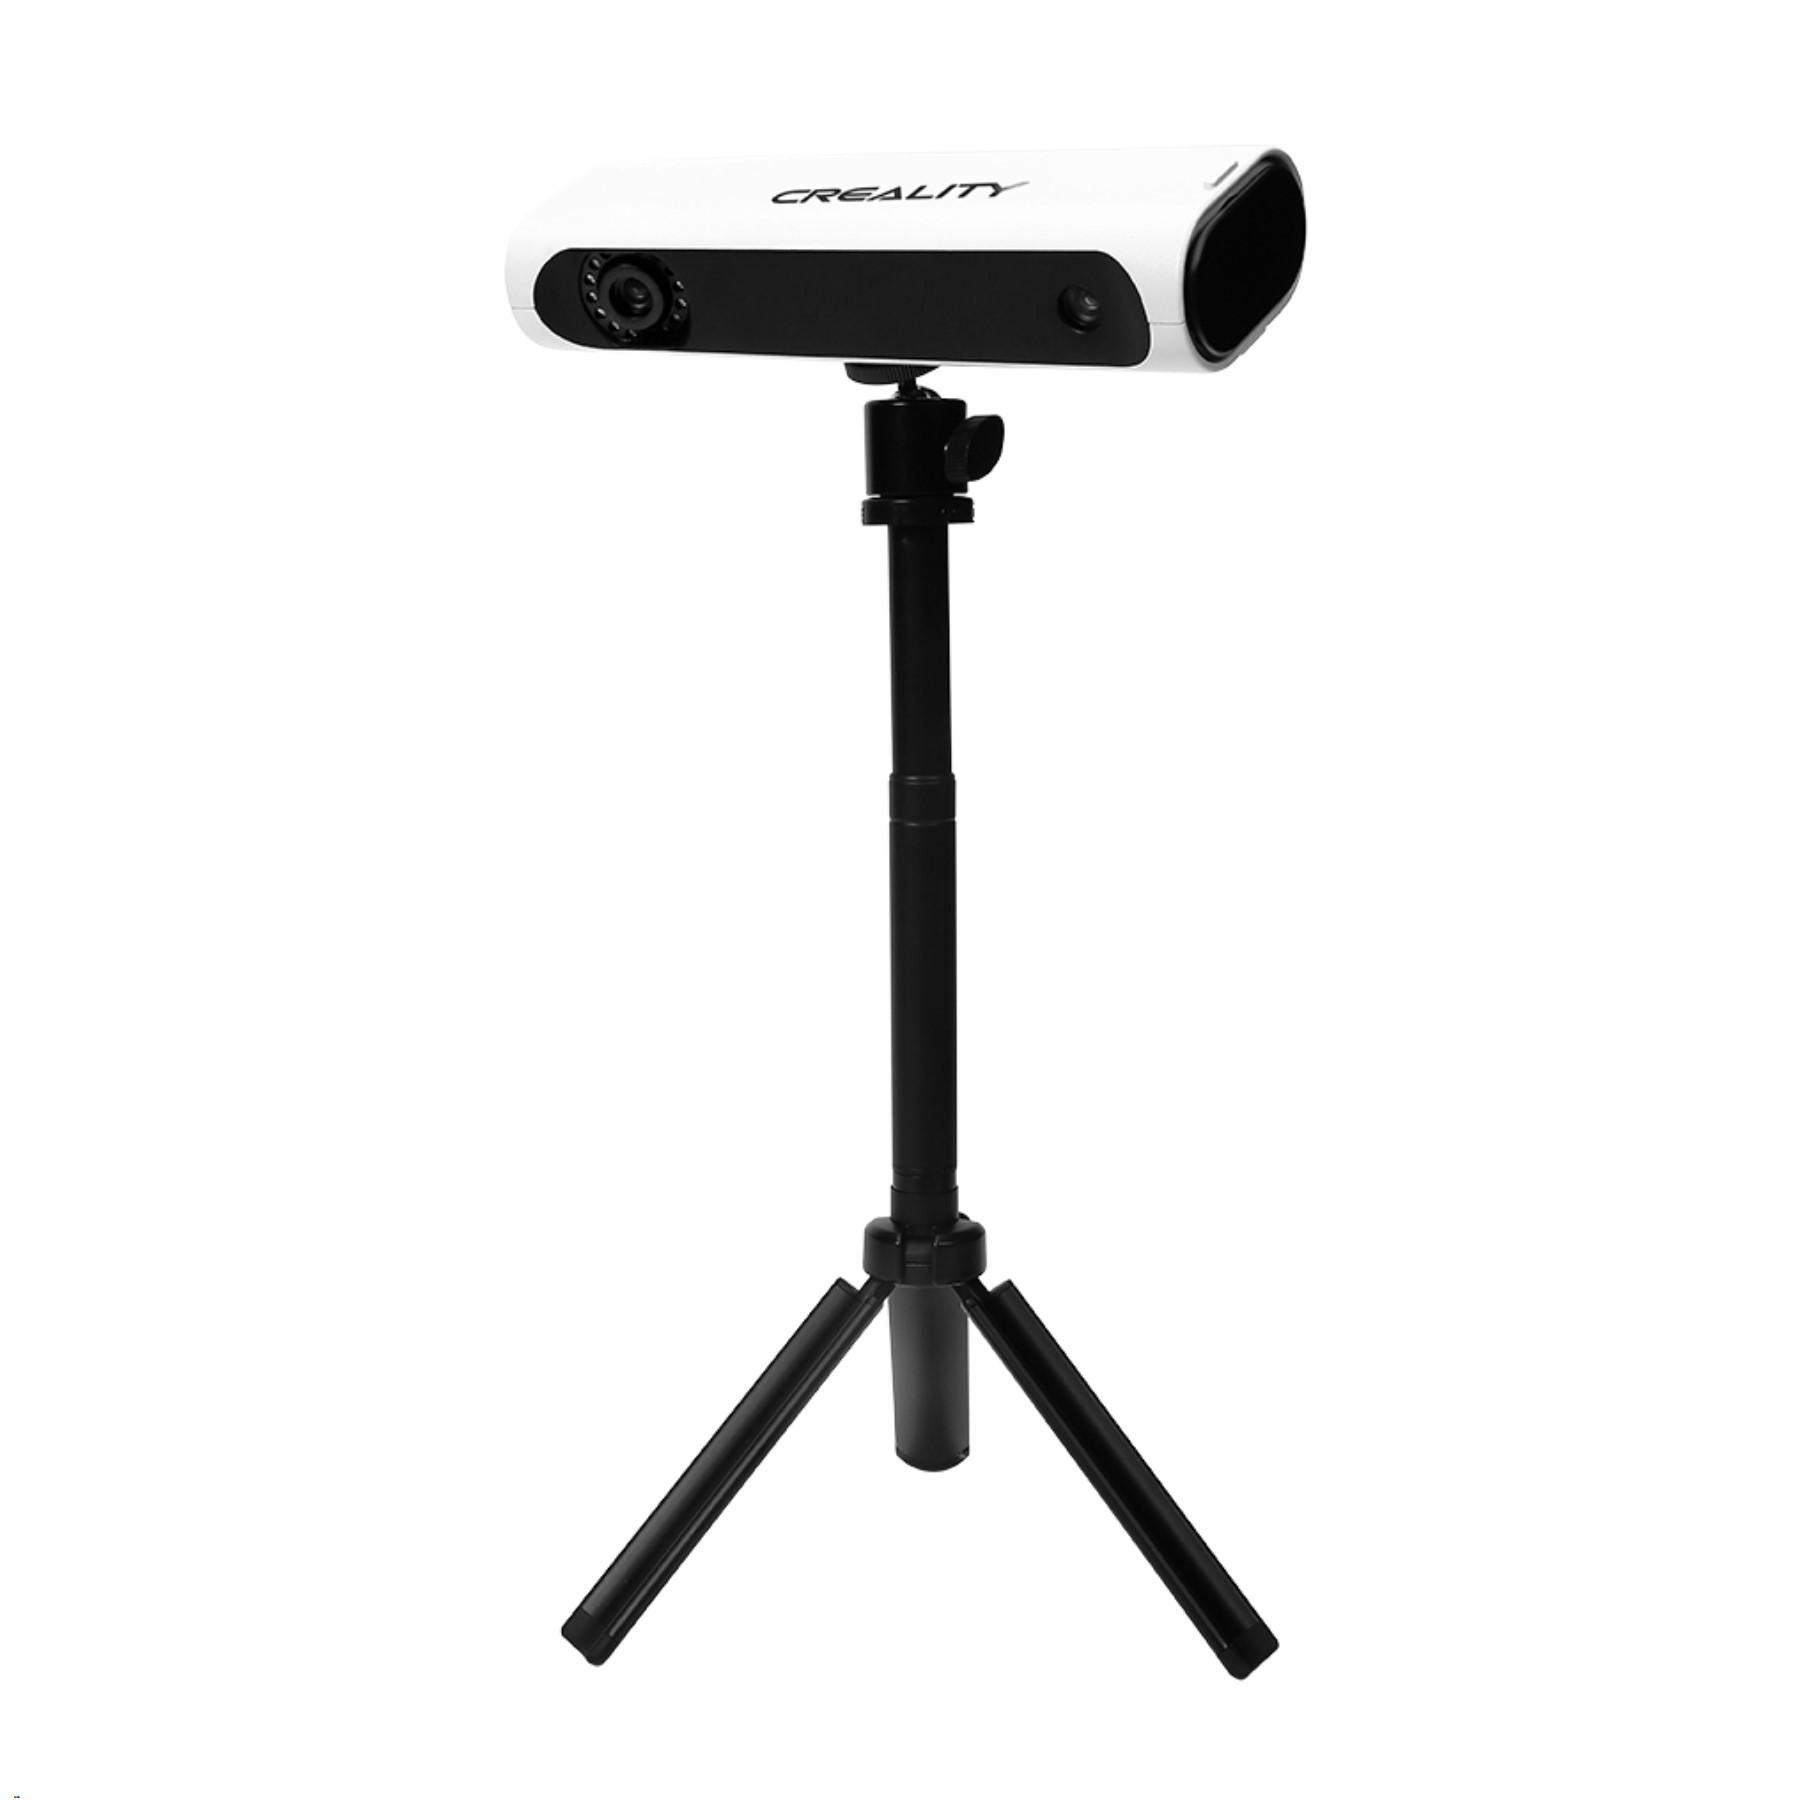 Scanner 3D CR-Scan 01 - Kit upgrade